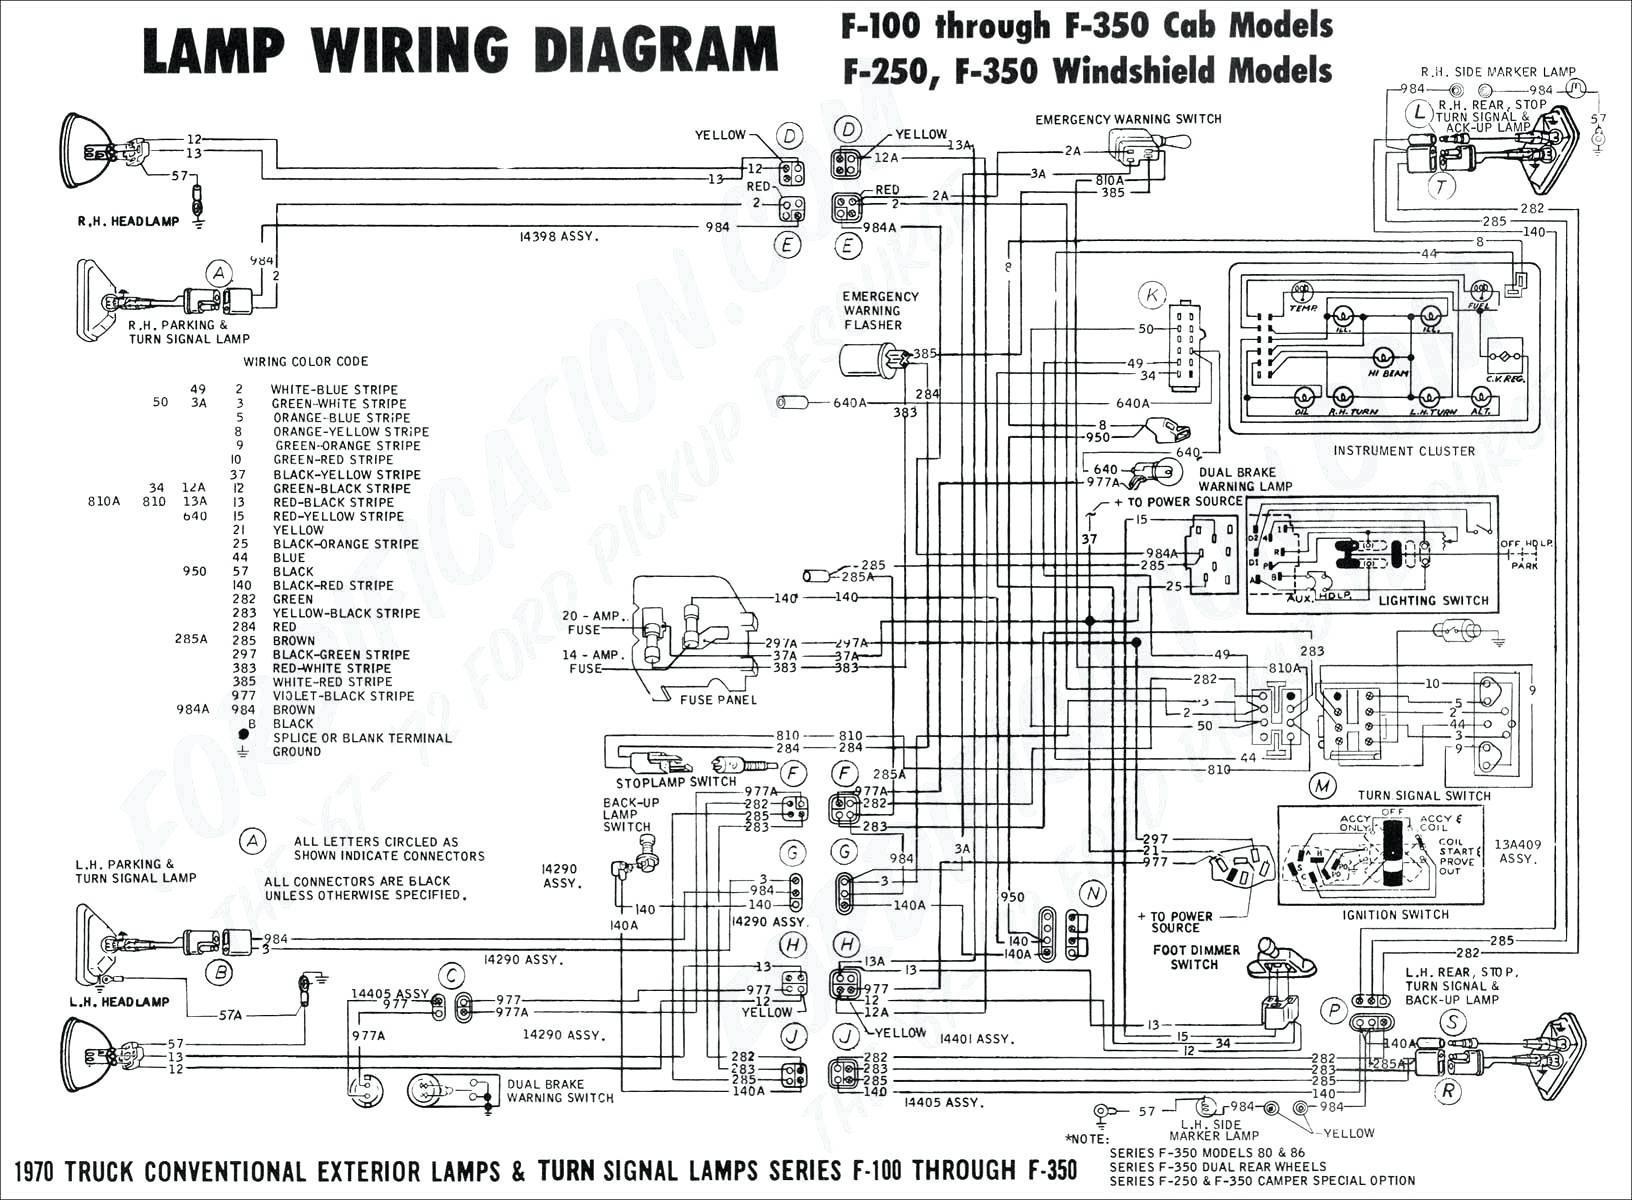 1994 toyota Corolla Wiring Diagram 93 Corolla Wiring Diagram Of 1994 toyota Corolla Wiring Diagram